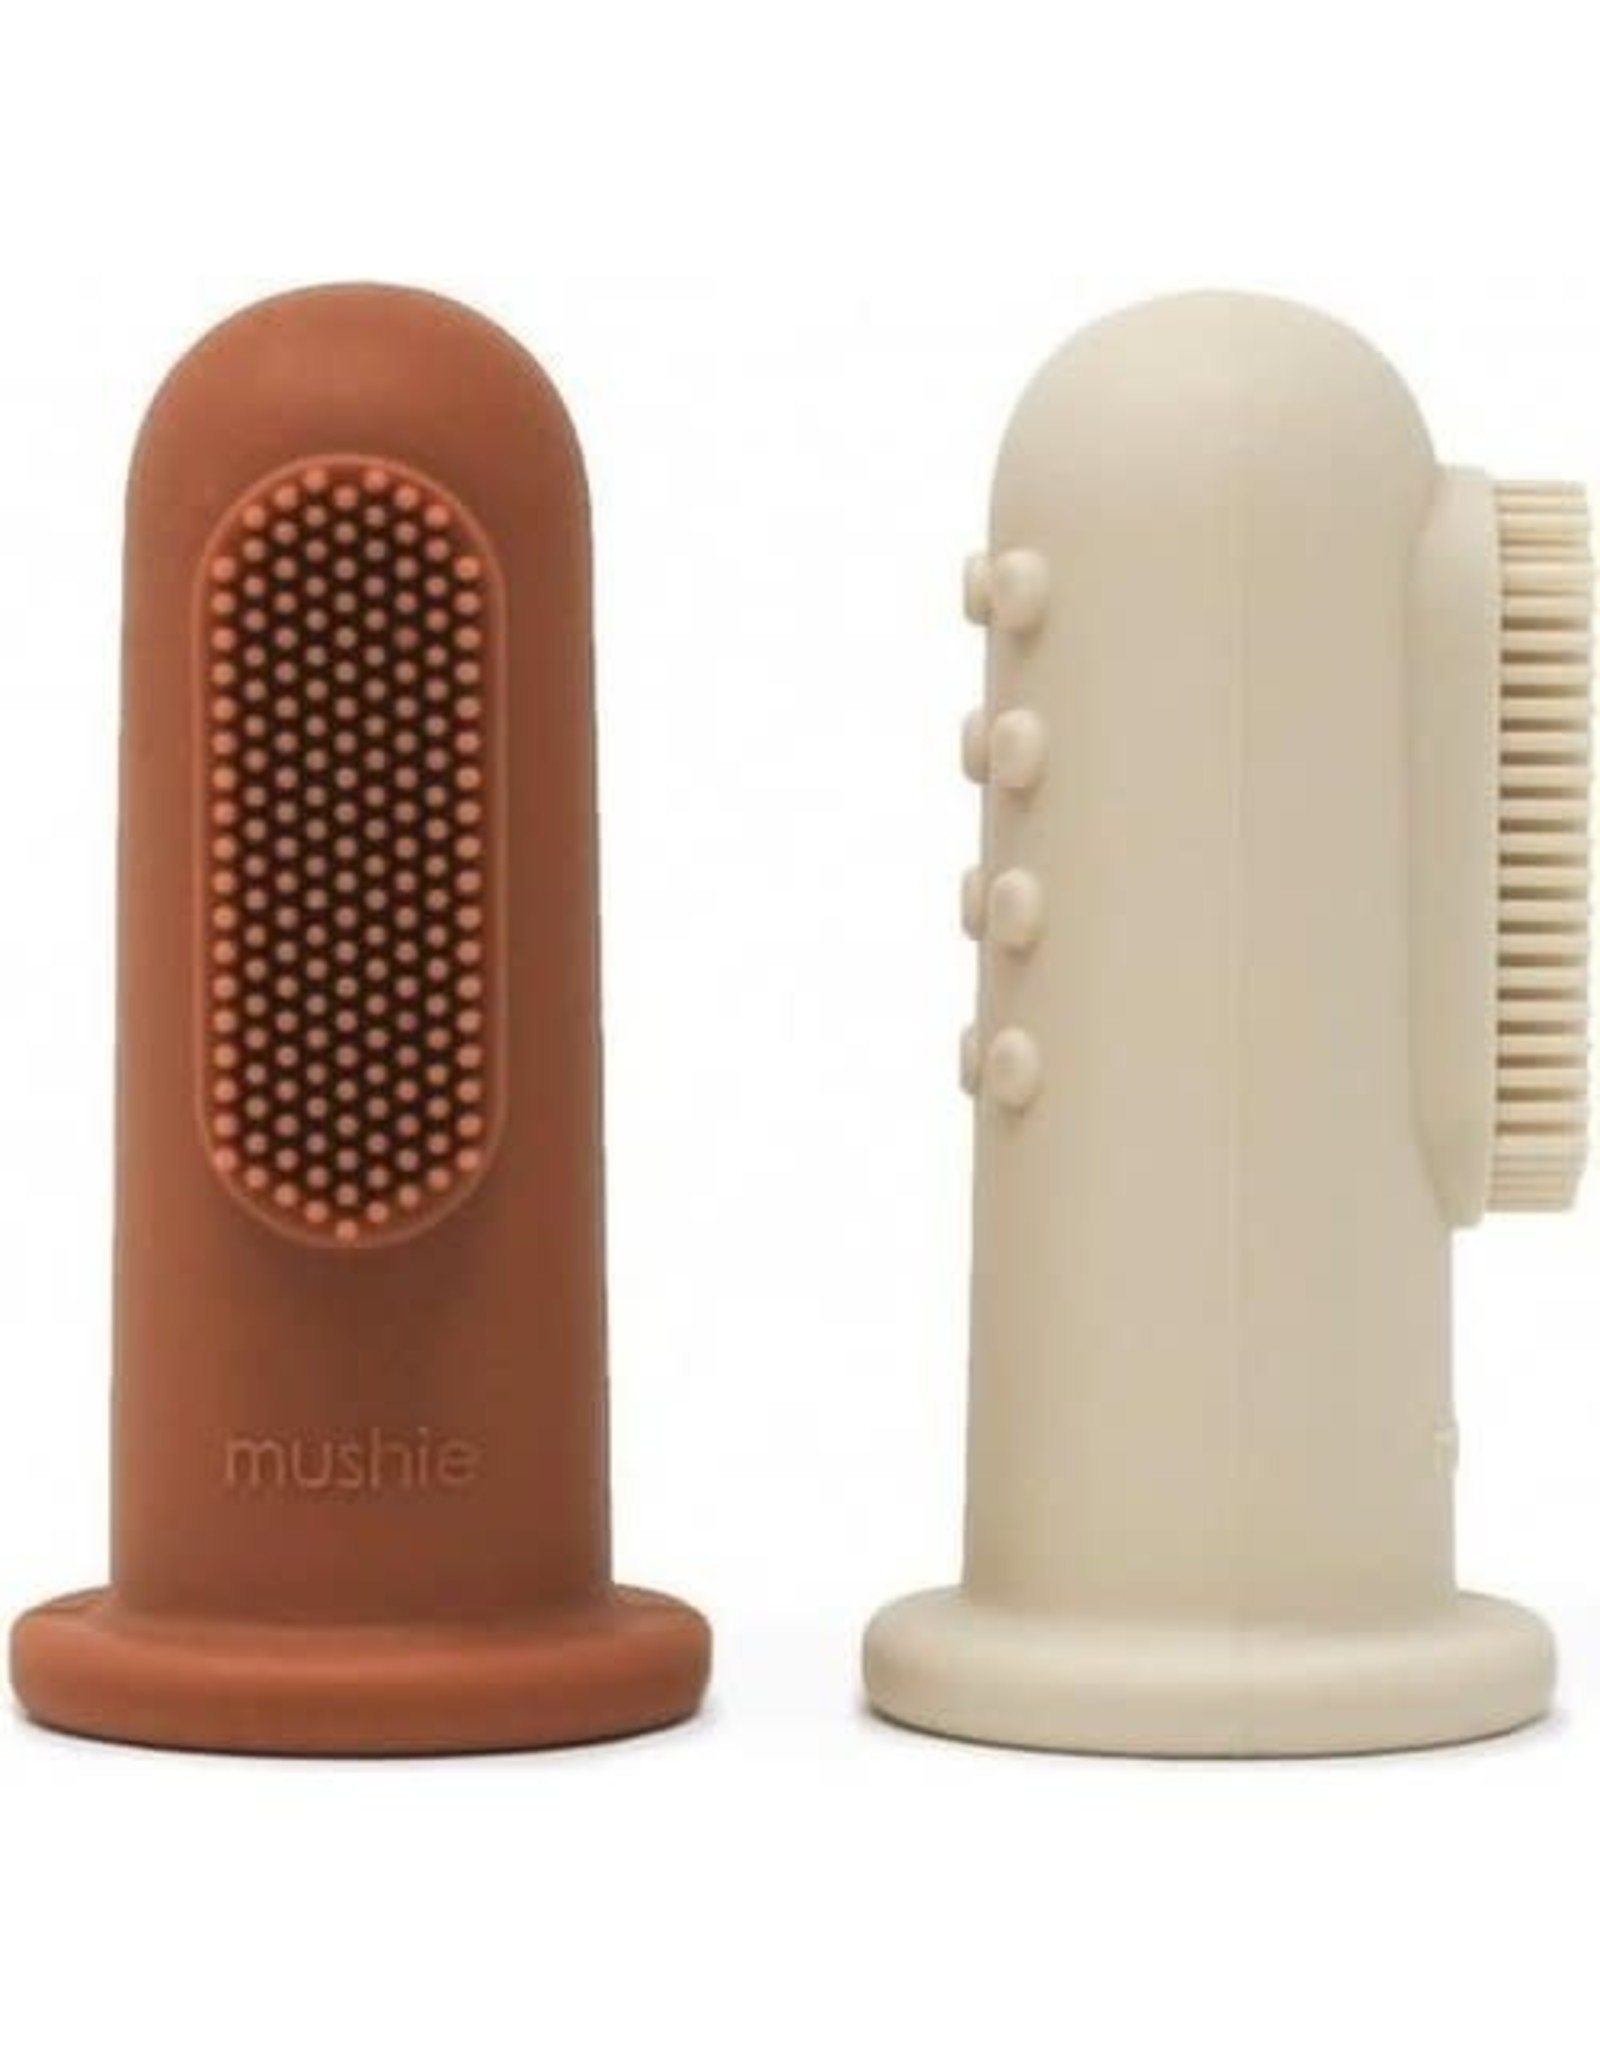 Mushie Mushie tandenborstel Sand - Clay